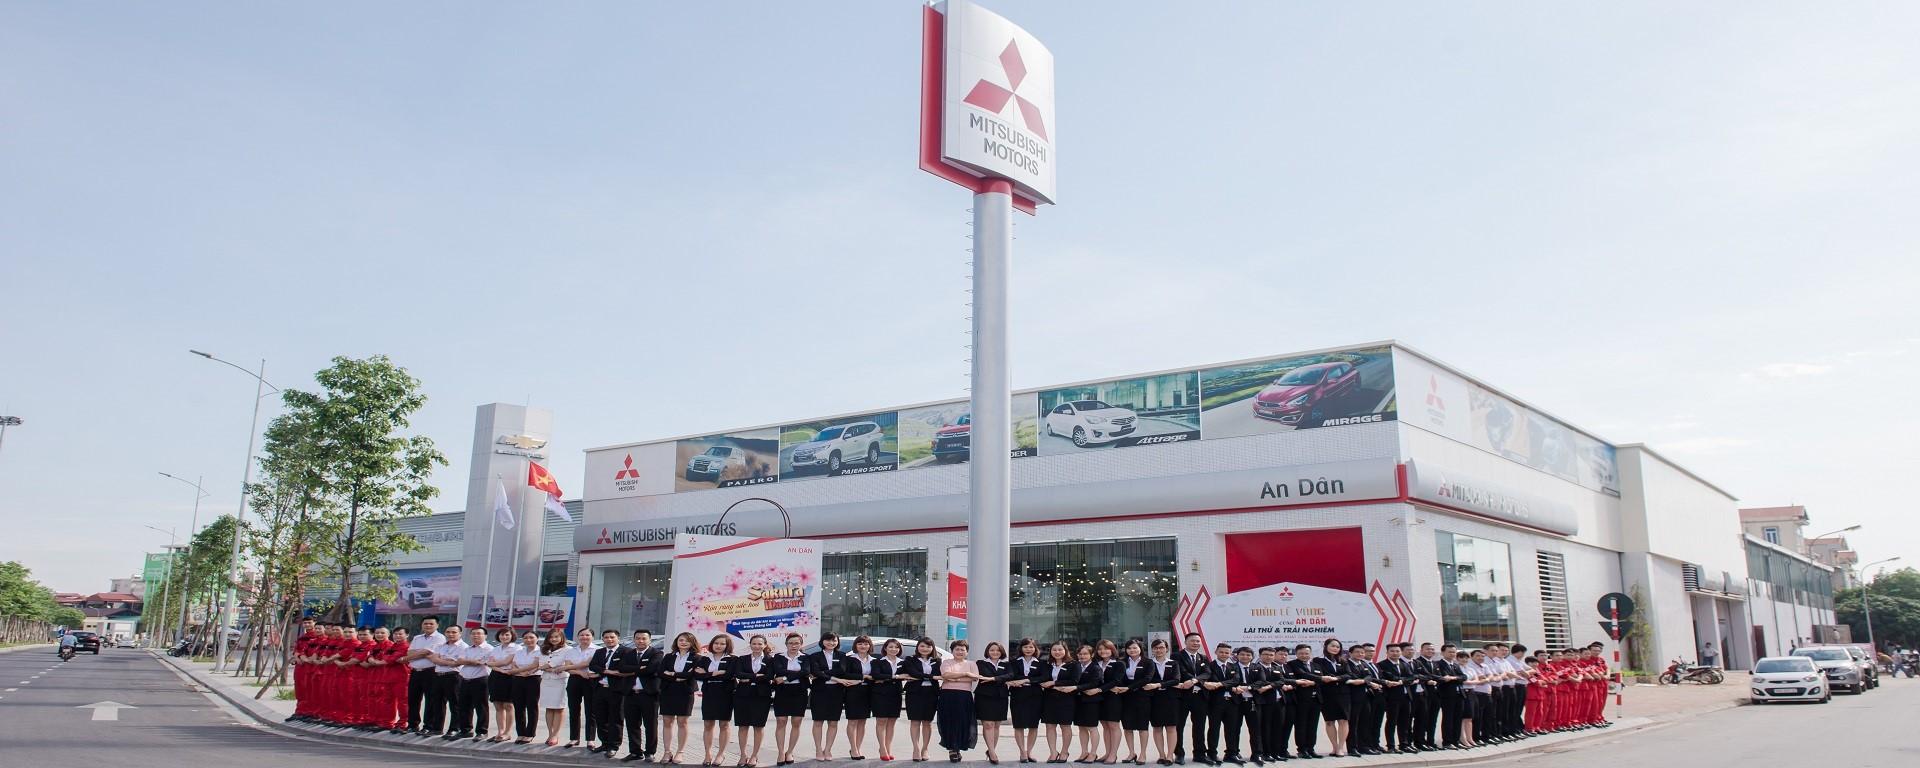 Giới thiệu đại lý Mitsubishi An Dân Long Biên Hà Nội